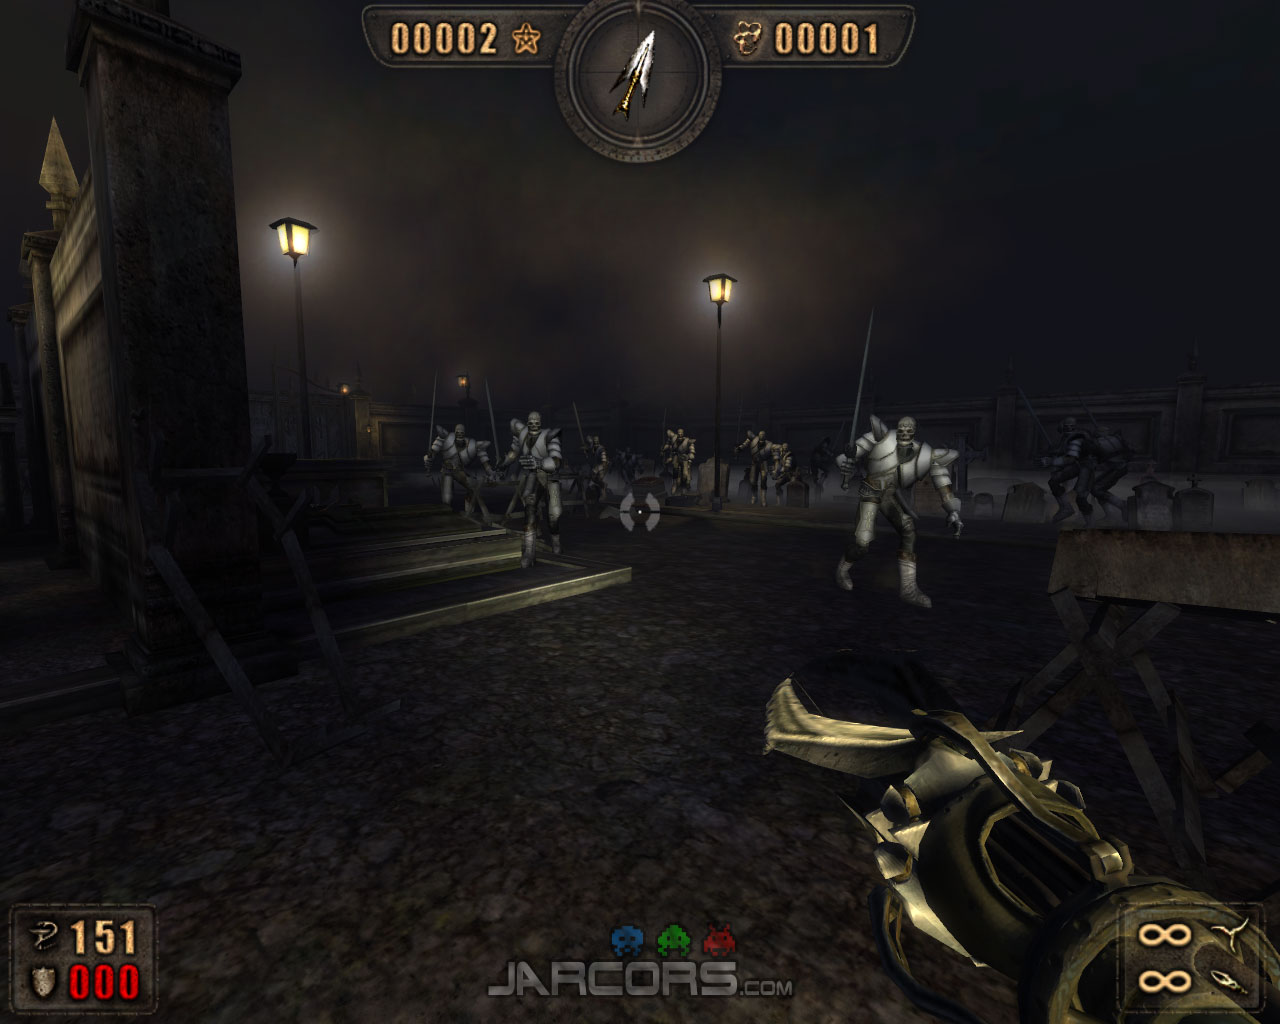 Painkiller no complica al jugador, si te gusta el primer nivel, te gustará el juego.